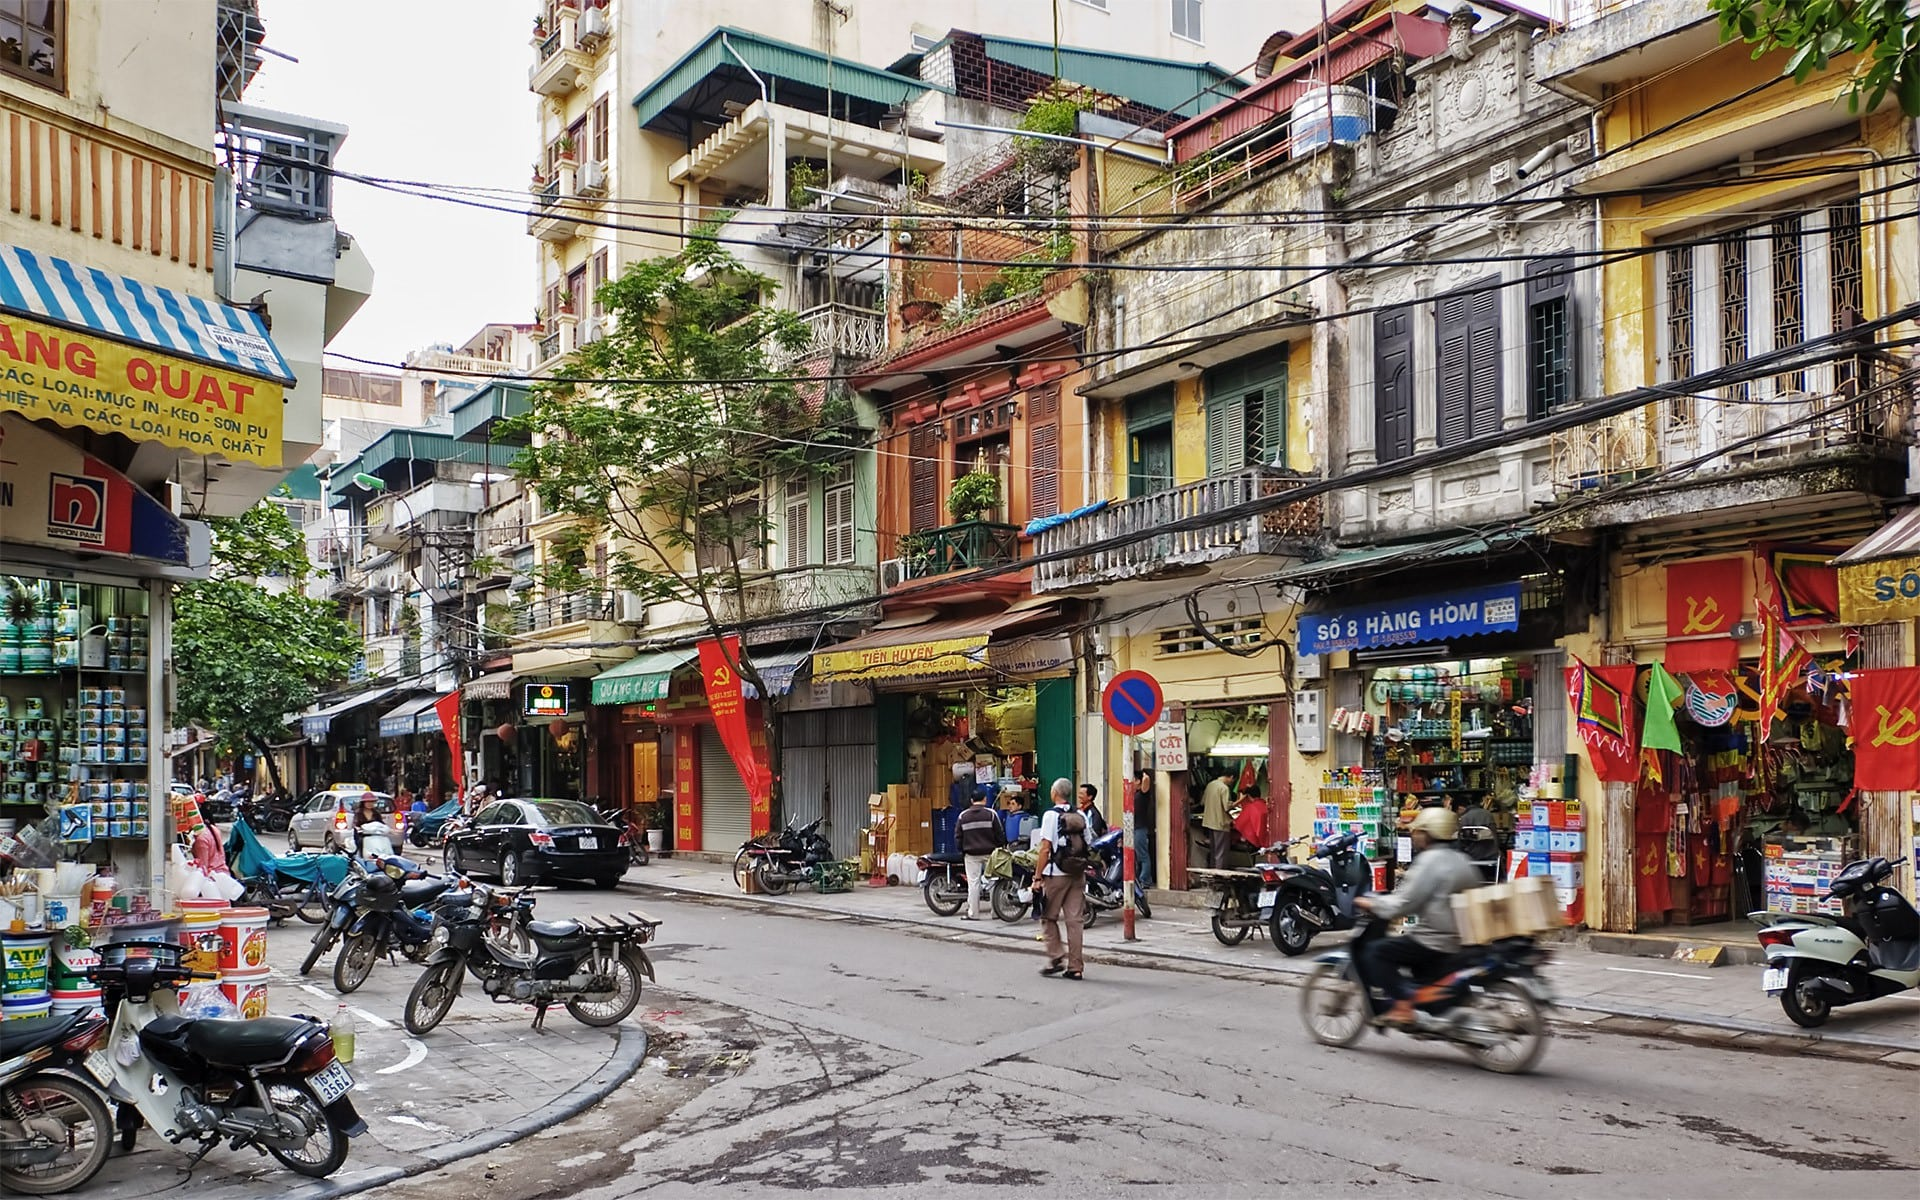 """Các đô thị Việt Nam có nên phát triển hình thái kiến trúc """"nhà ống"""", với nền kinh tế vỉa hè nữa hay không khi kinh doanh đã chiếm trọn không gian đi bộ?"""